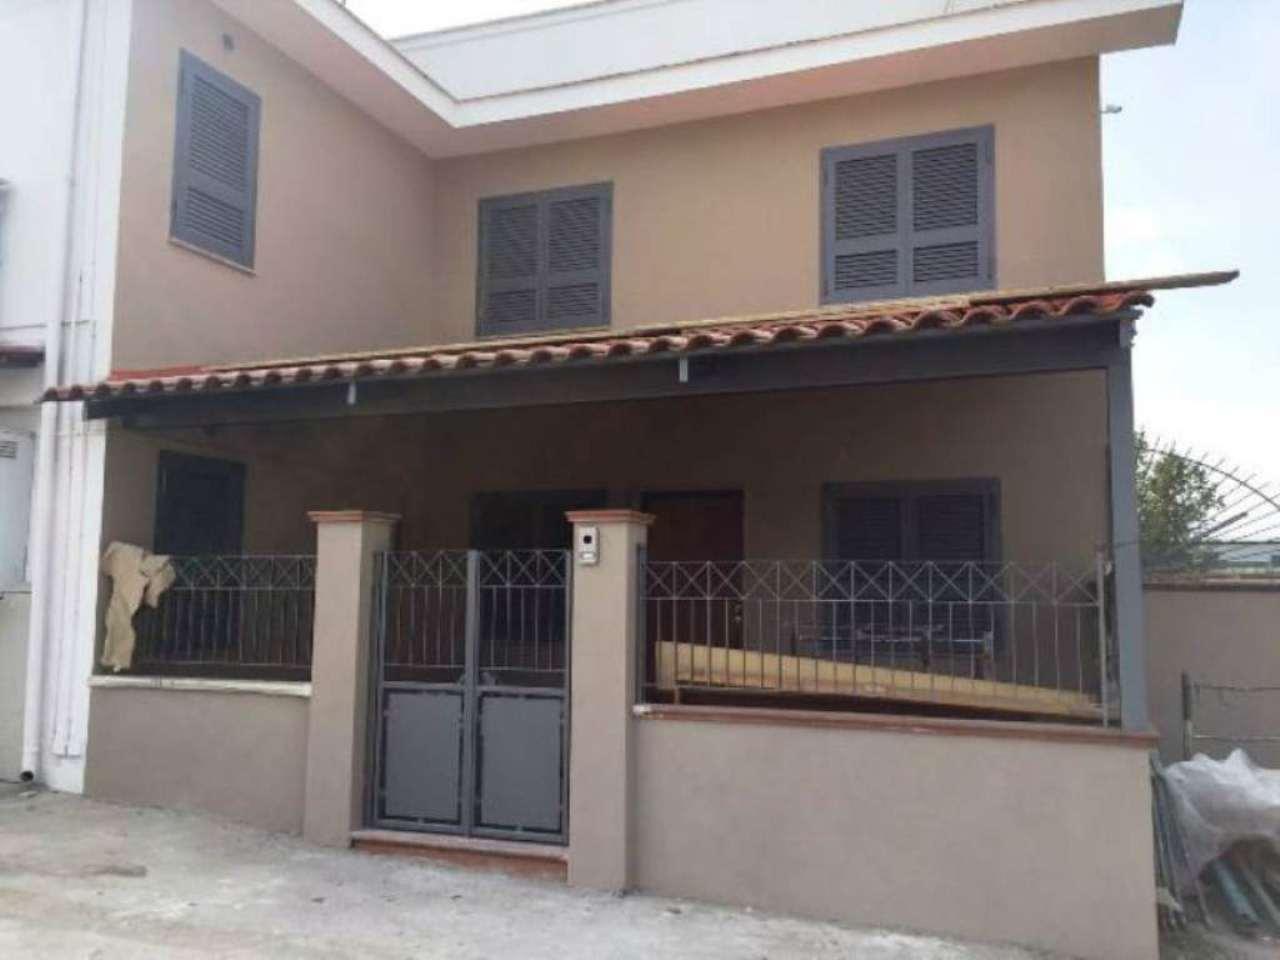 Appartamento in affitto a Somma Vesuviana, 3 locali, prezzo € 500 | Cambio Casa.it